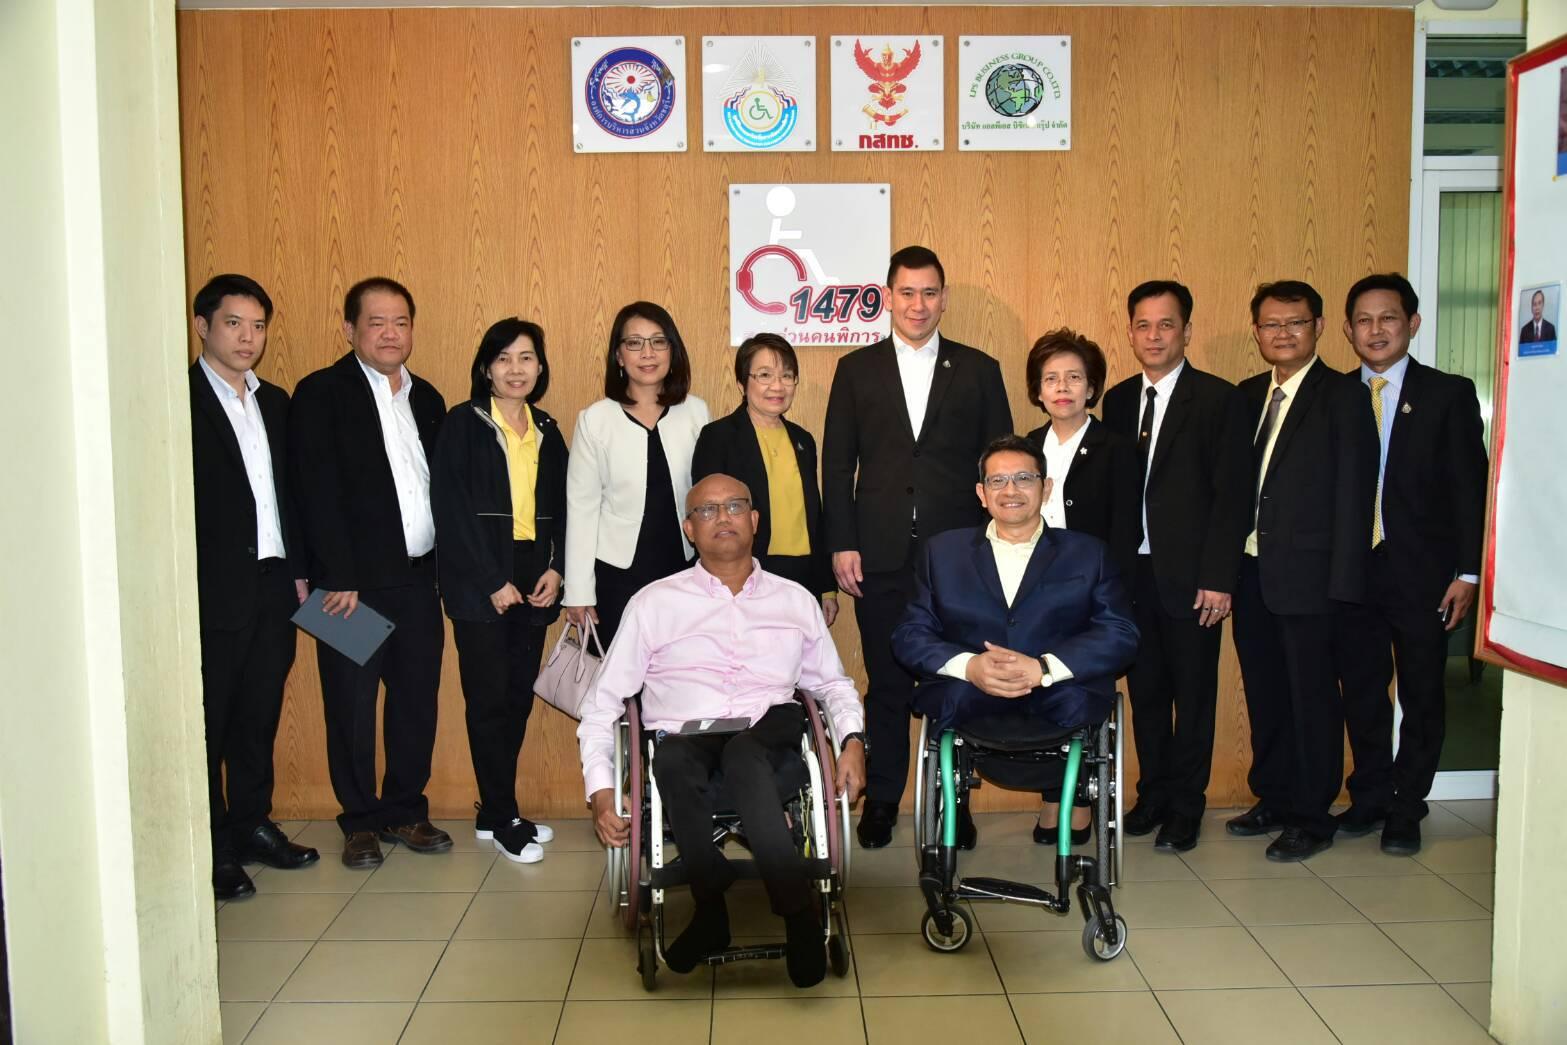 ผู้ช่วยรมว.แรงงาน ลงพื้นที่ จังหวัดชลบุรี เปิด มหกรรมนัดพบแรงงานและอาชีพคนพิการ จังหวัดชลบุรี 2562